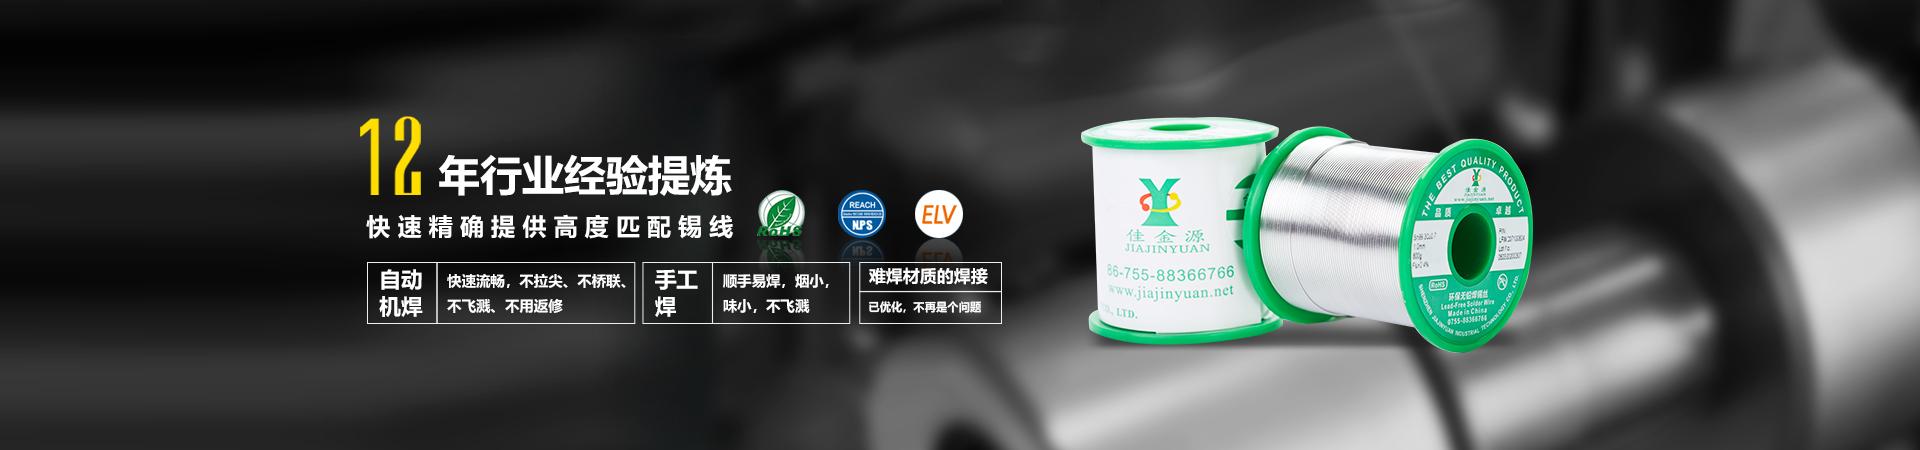 佳金源科学掌握现代化工艺配方,使锡膏于被焊产品高度适配